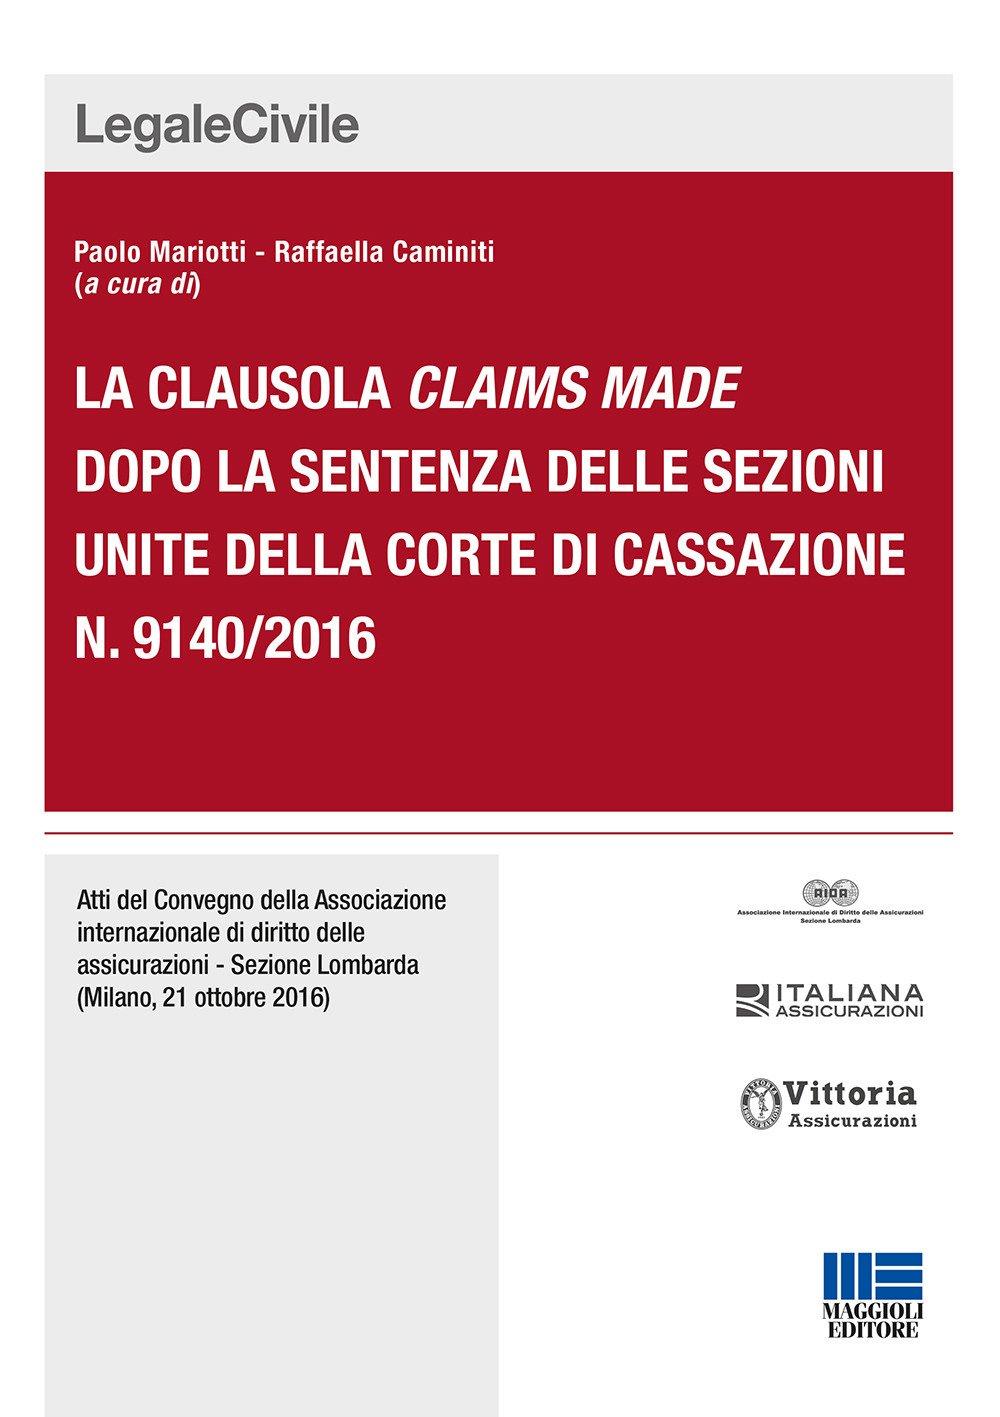 La clausola claims made dopo la sentenza delle sezioni unite della corte di cassazione n. 9140/2016